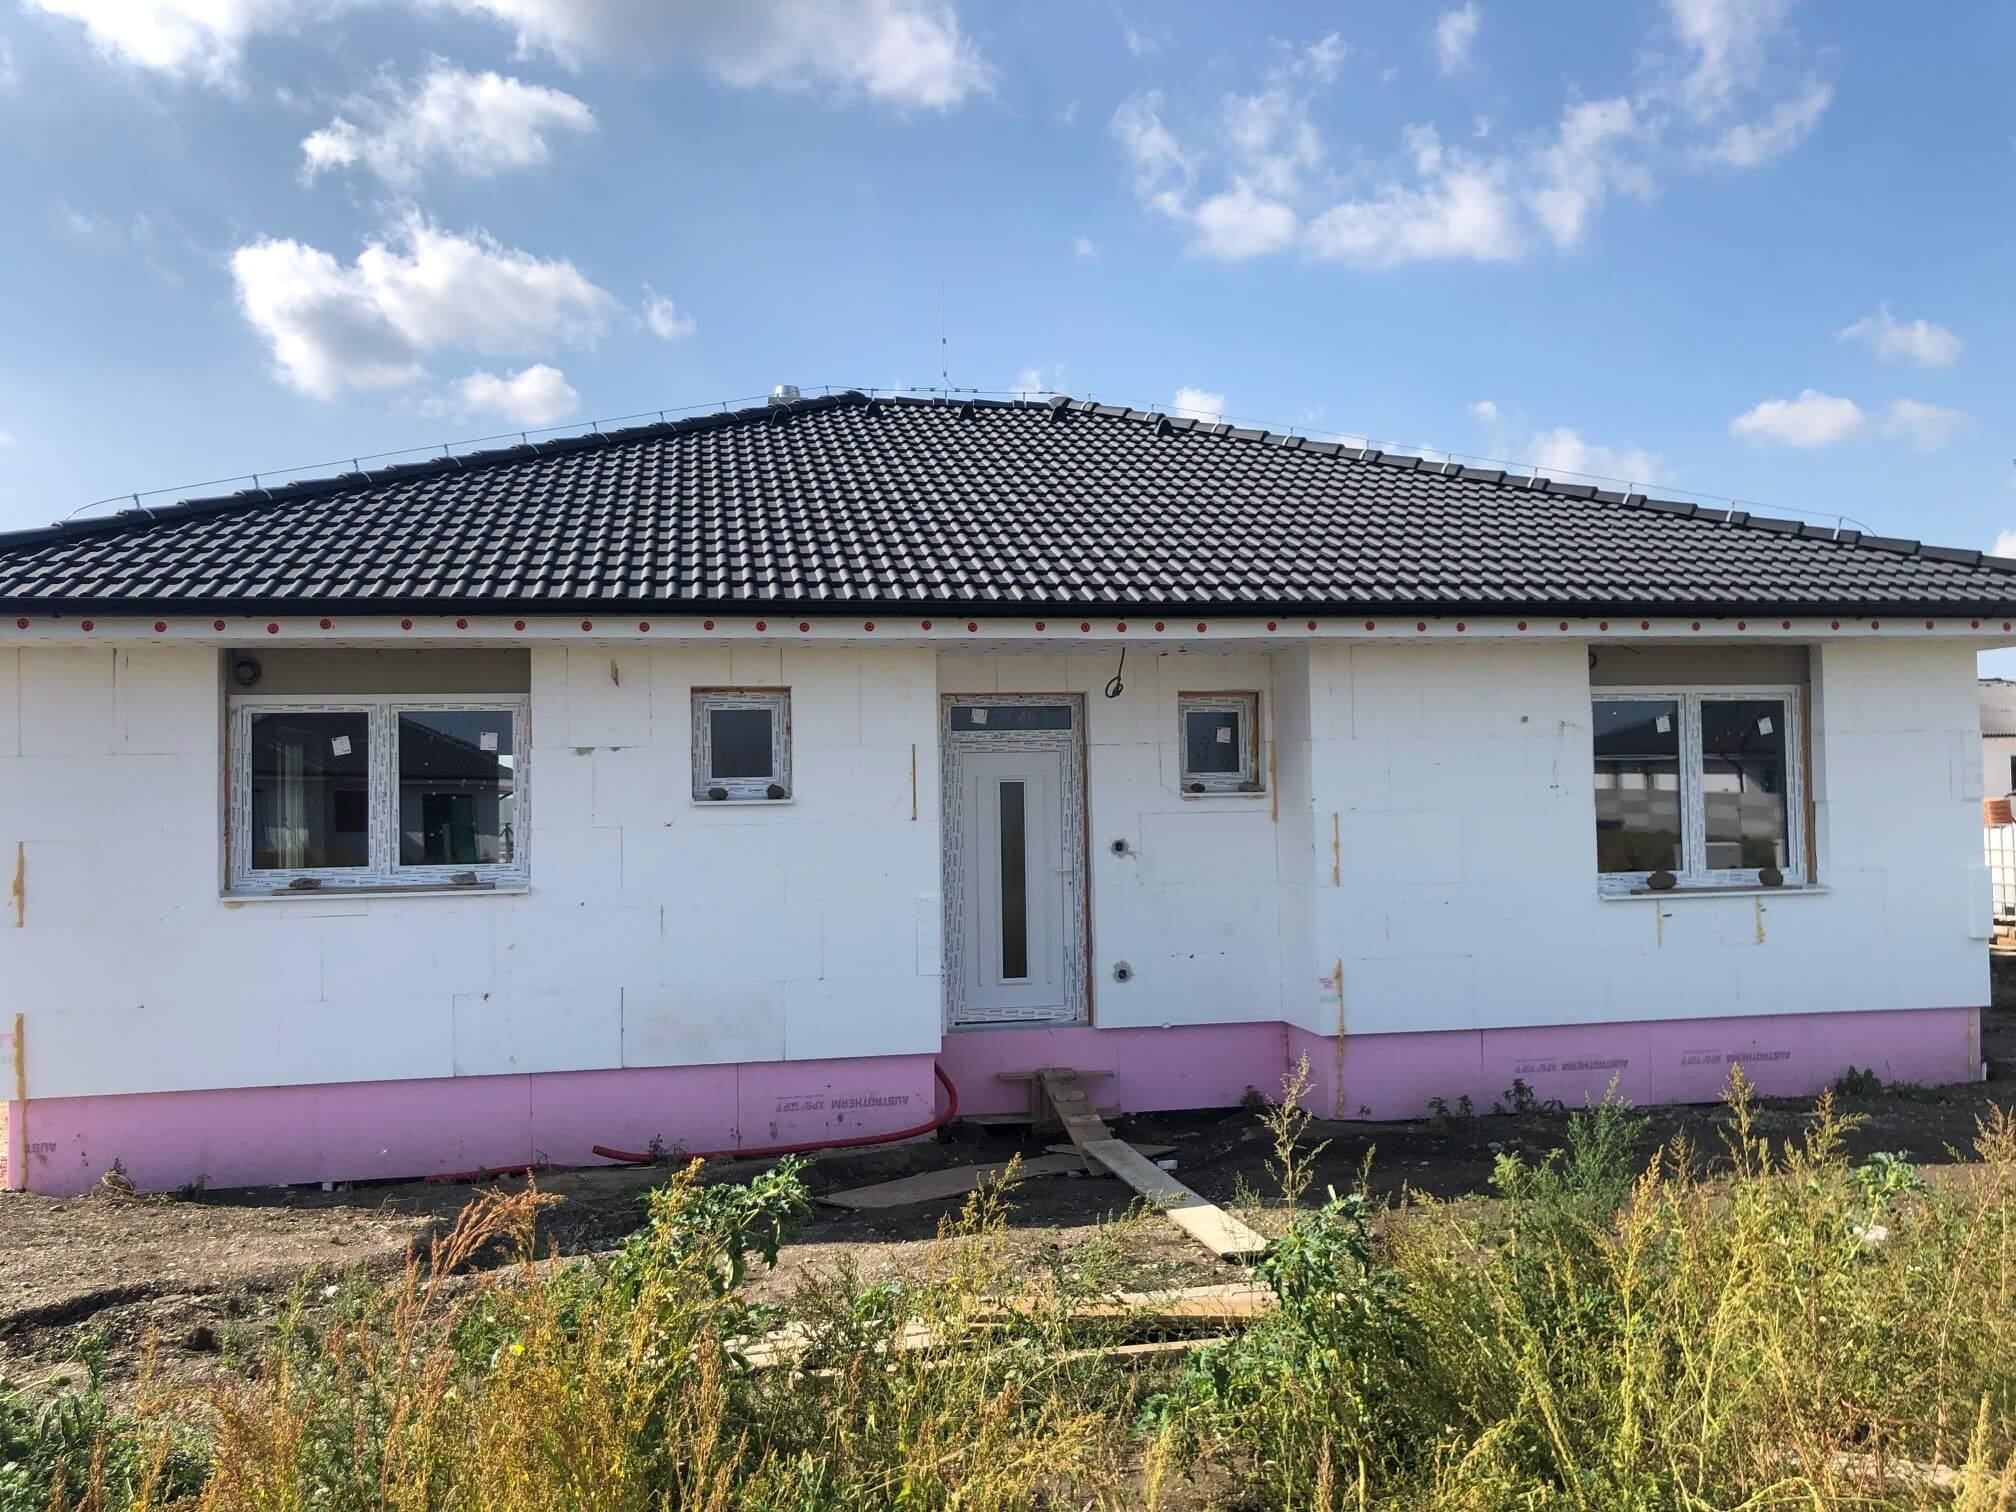 Predané: Exkluzívne 4 izbový Rodinný dom BUNGALOV 116m2, Miloslavov, pozemok 600m2-1